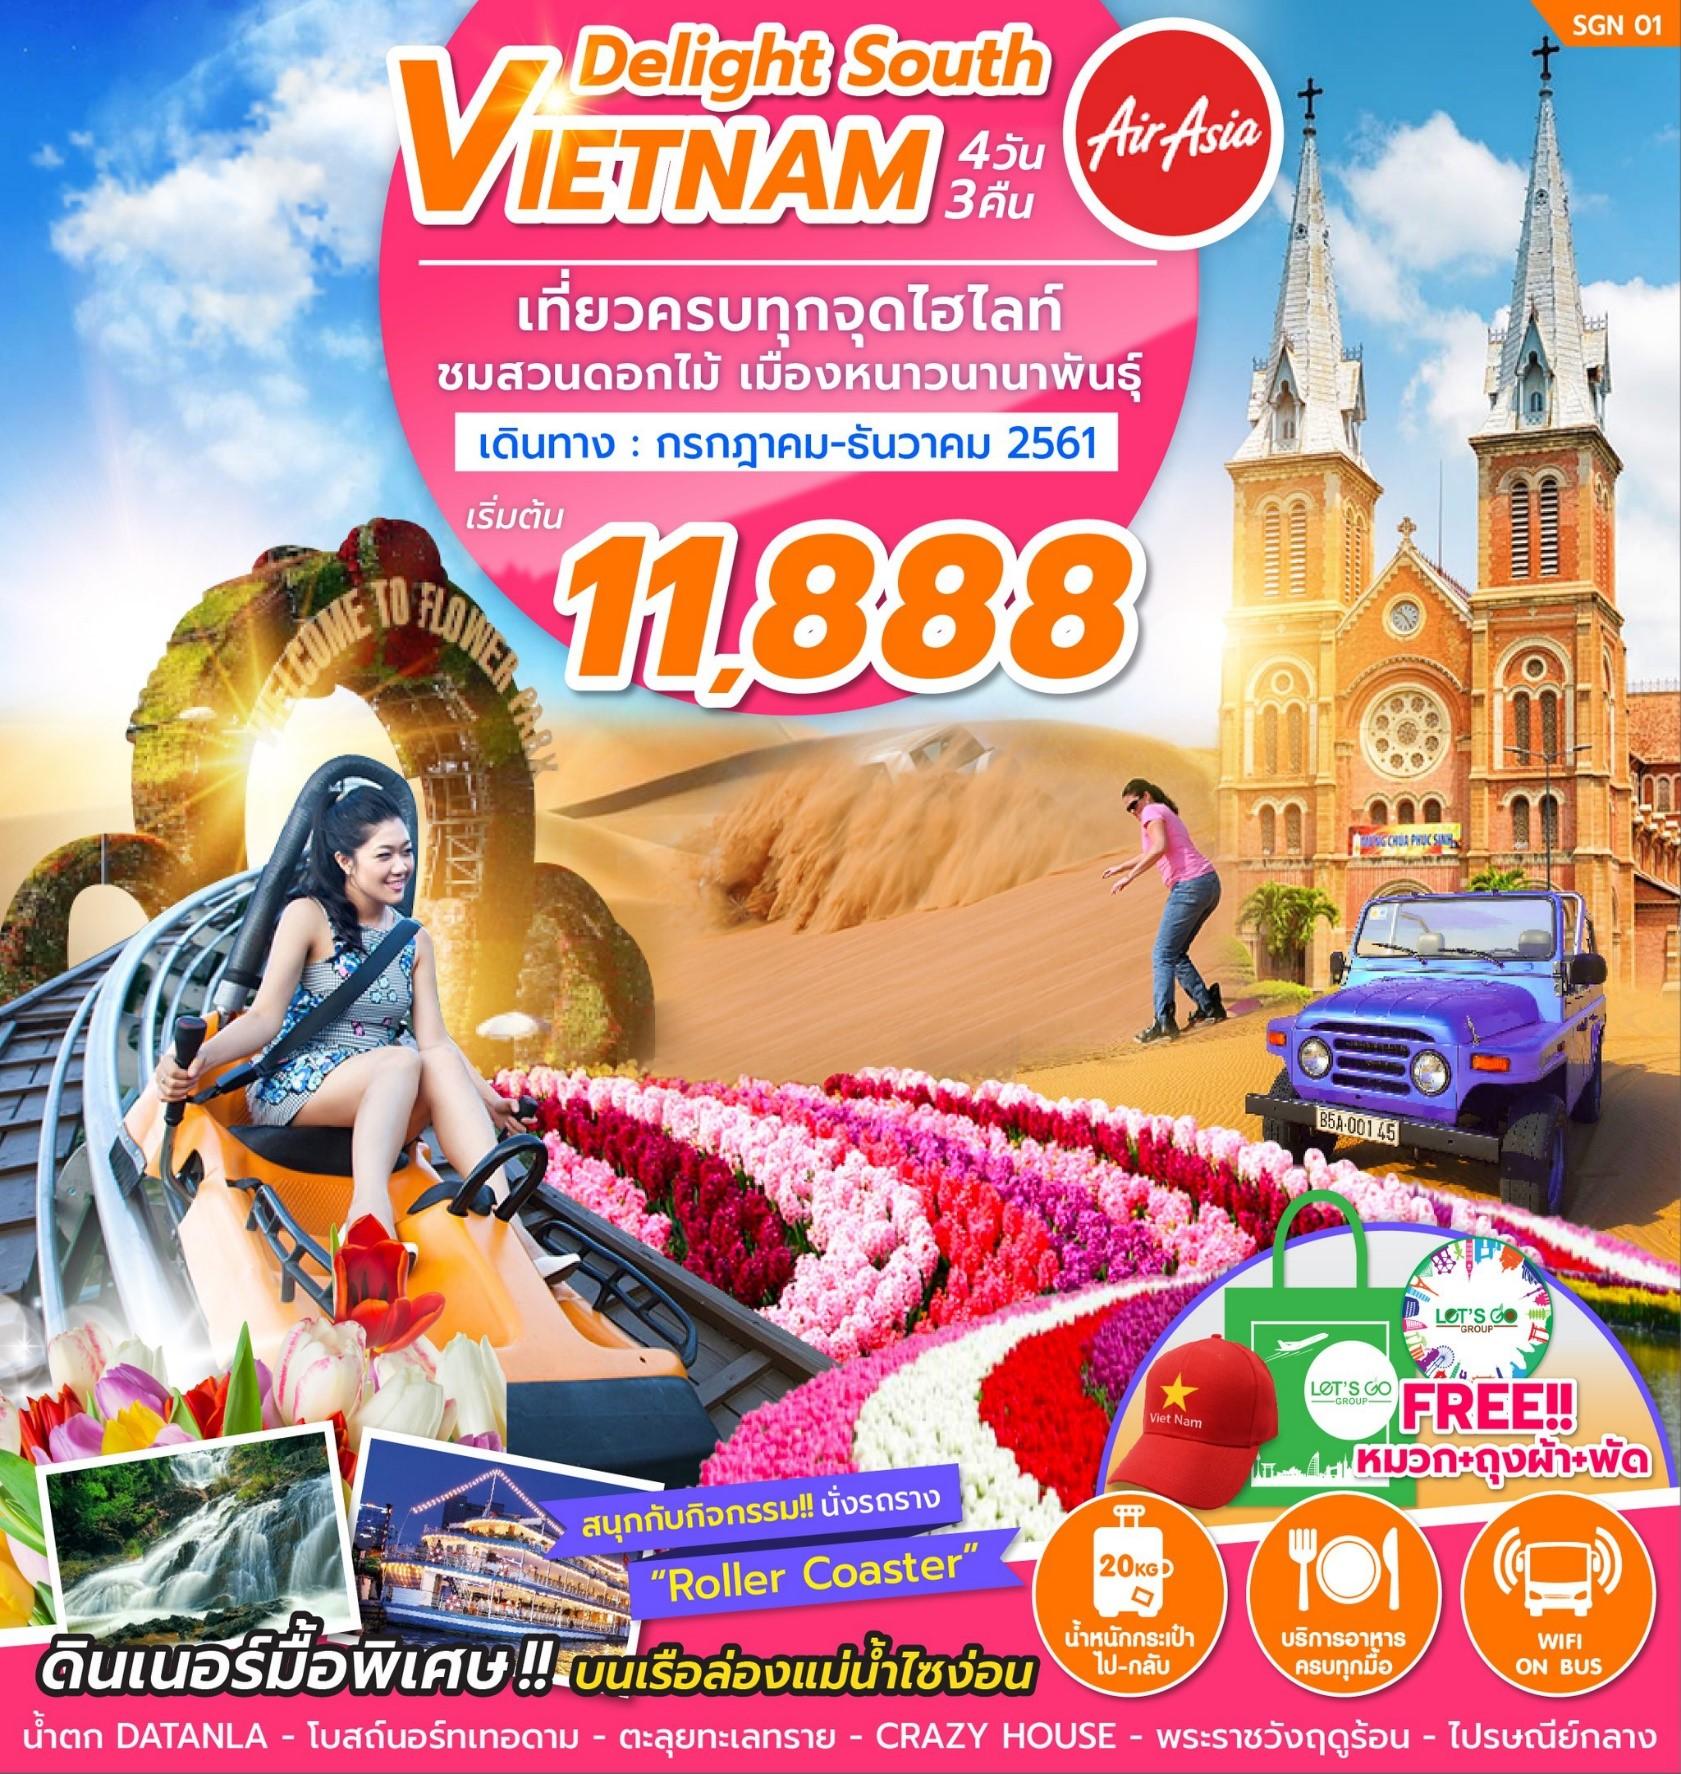 ทัวร์เวียดนาม-DELIGHT-SOUTH-VIETNAM-4D3N-(AUG-DEC18)-(SGN01)